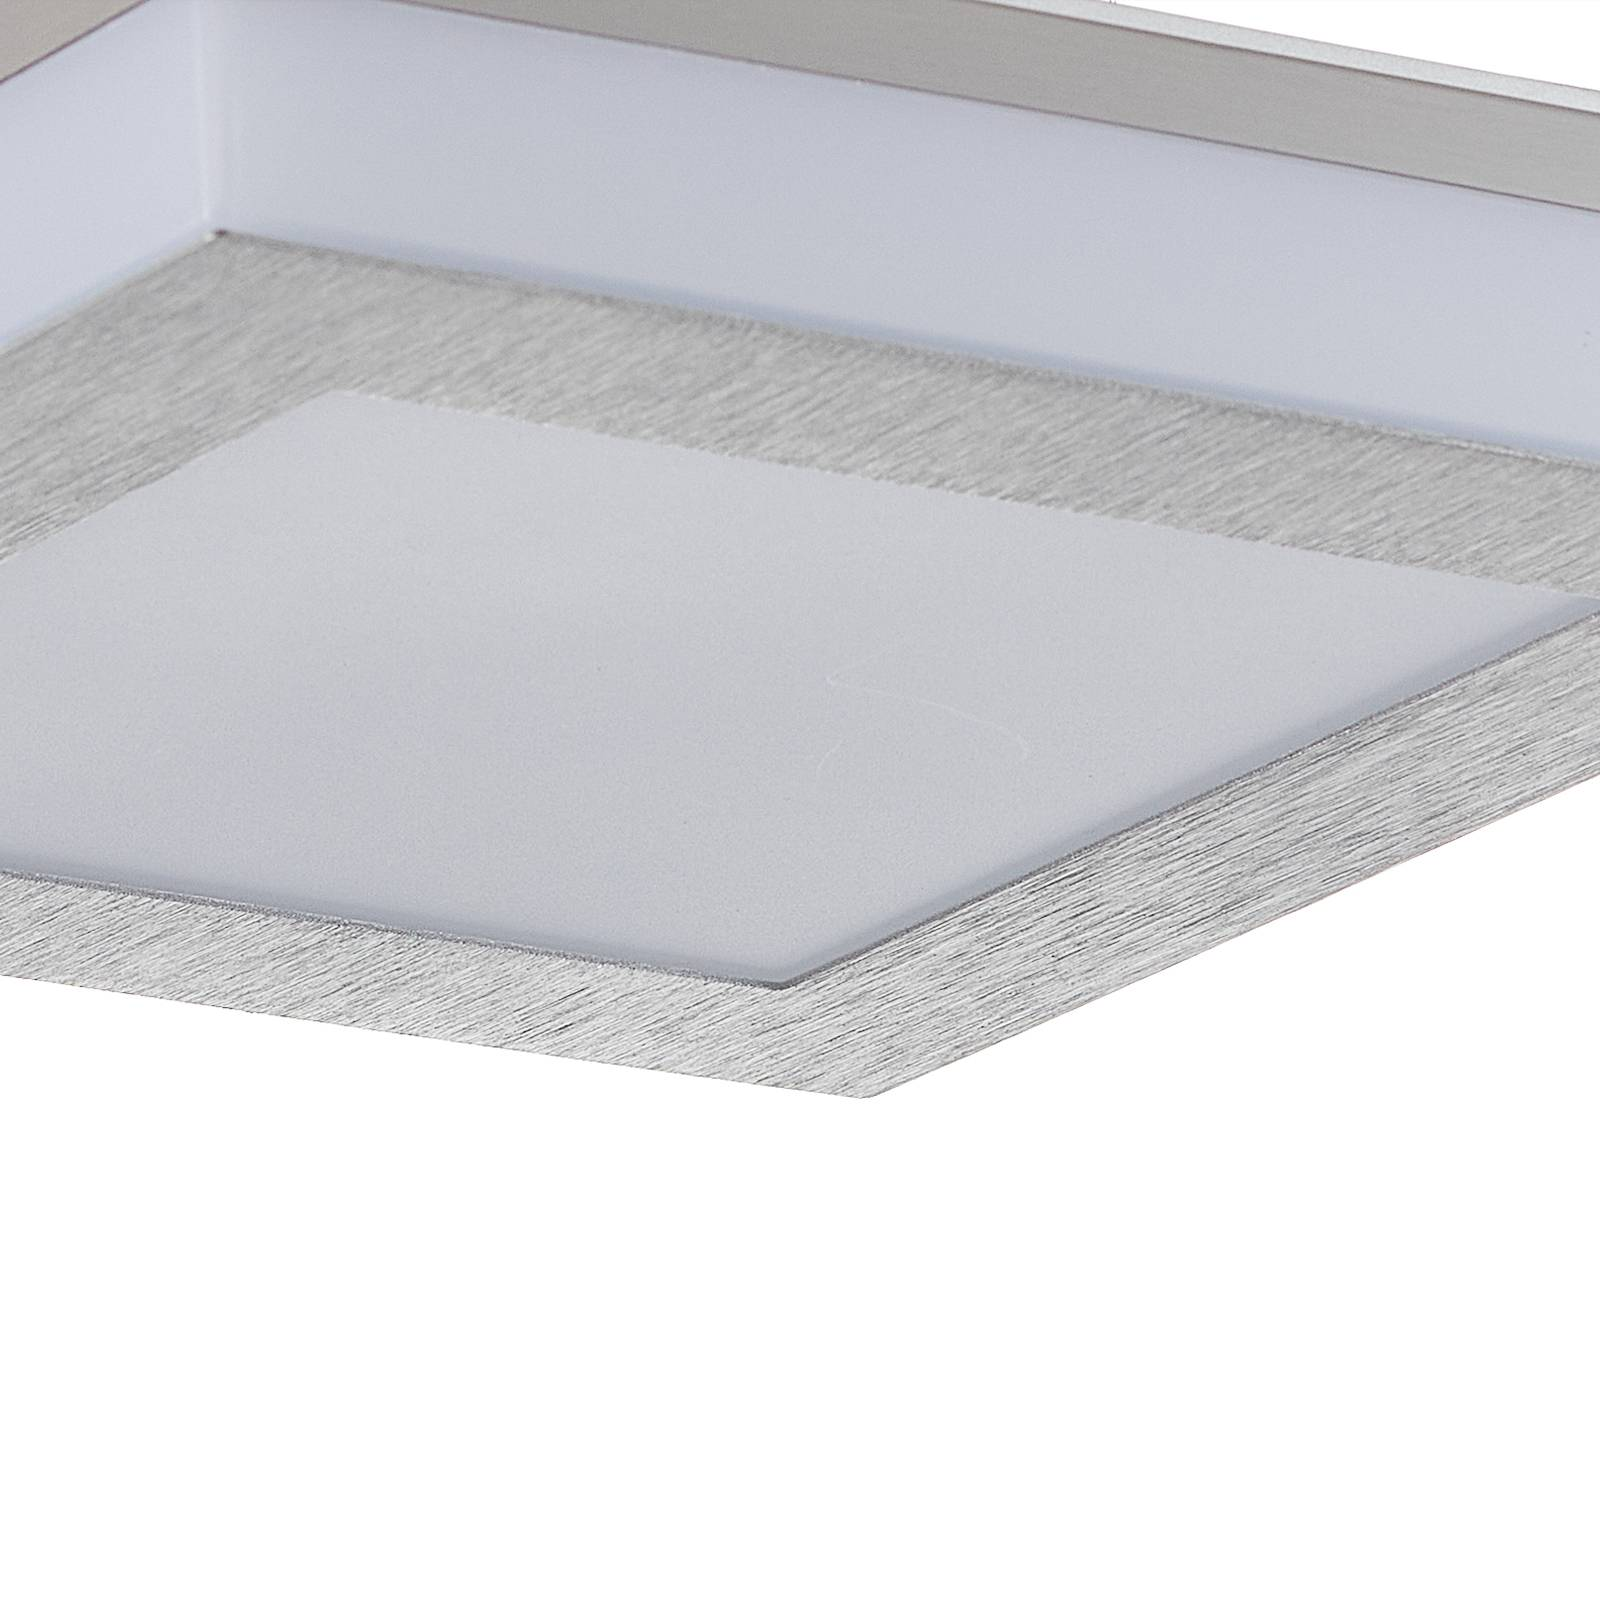 B-Leuchten Quadro LED-kattovalaisin 22x22cm